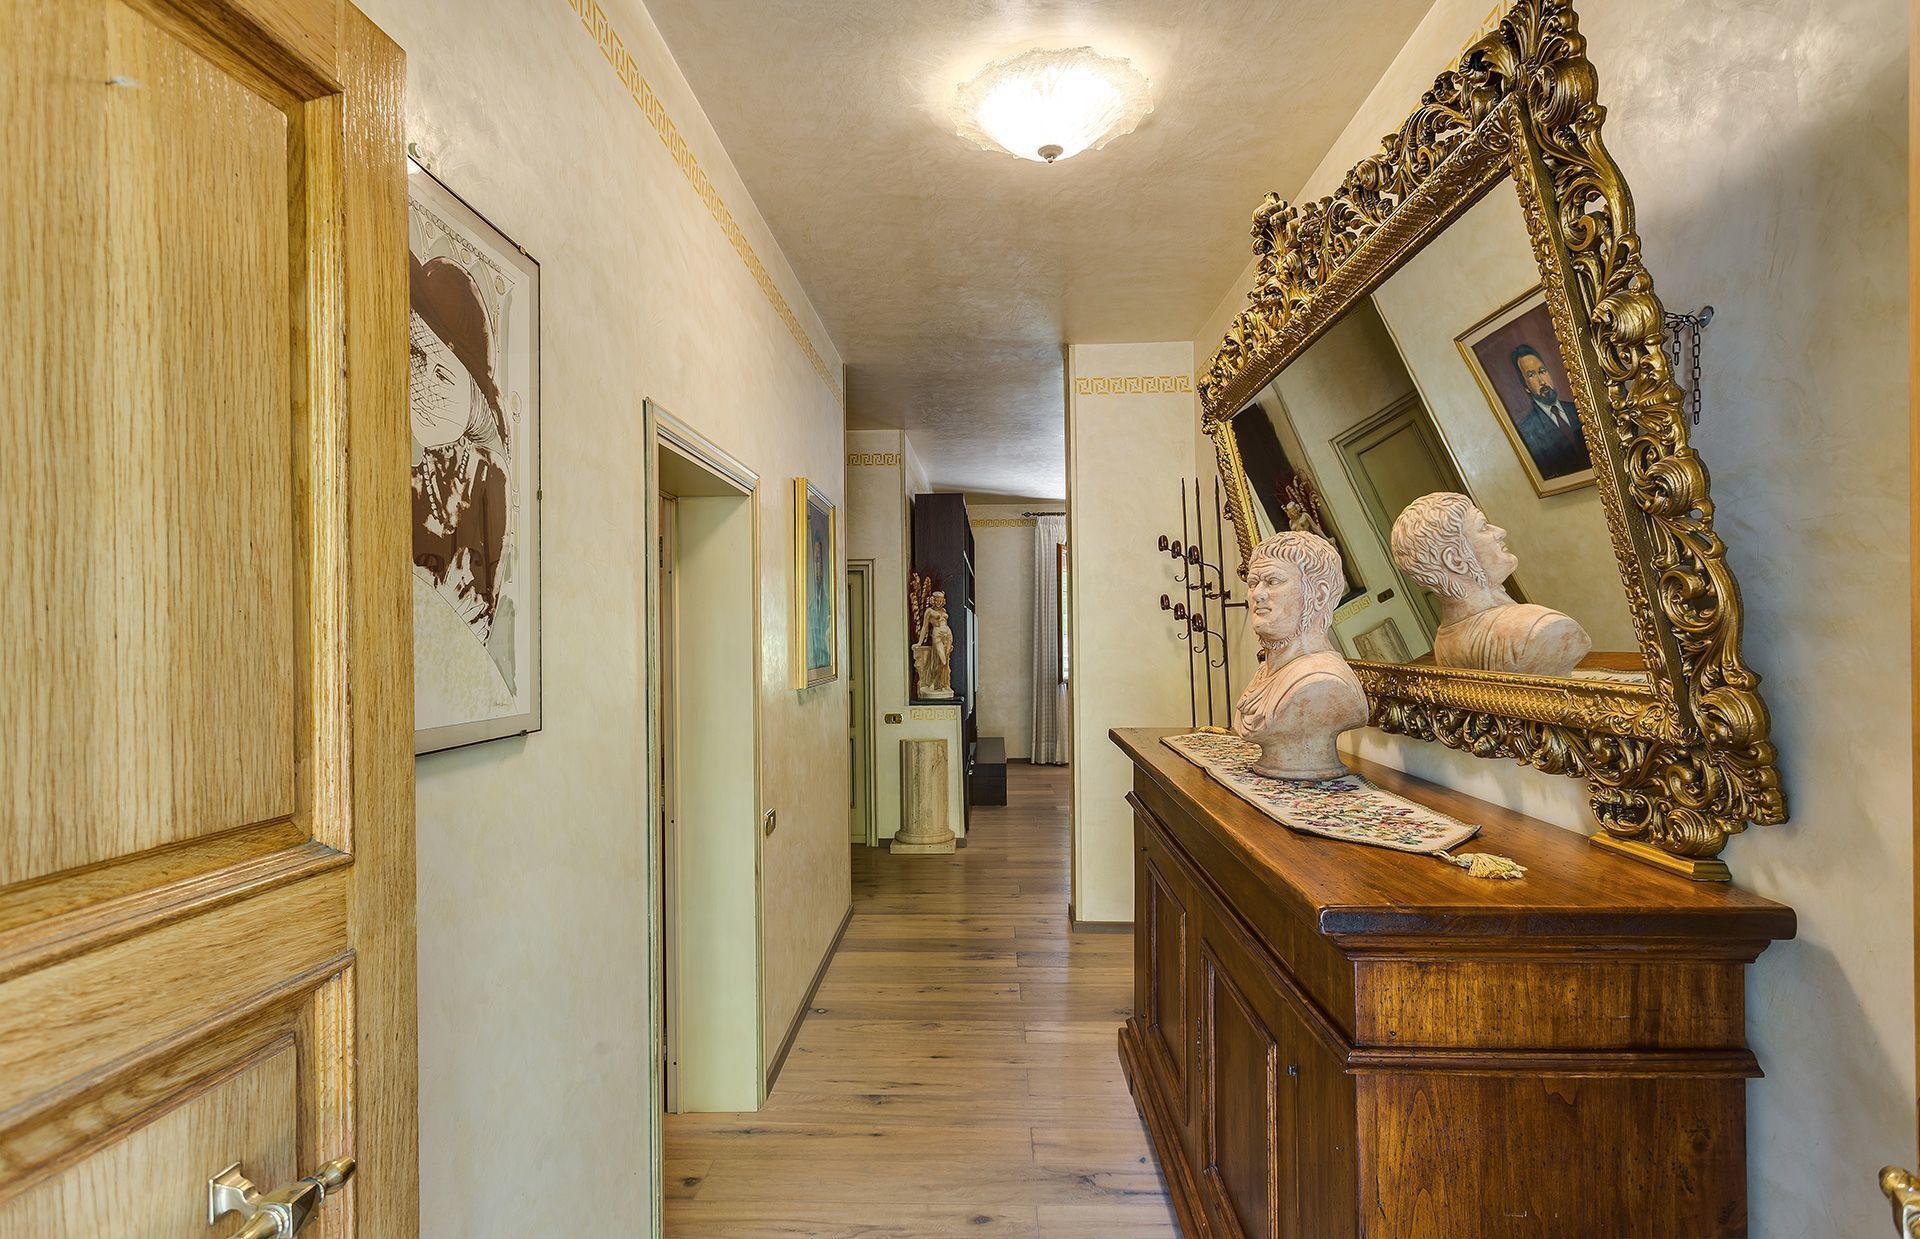 Villa Carolina - Ferienhäuser Toskana für Personen mit Schlafzimmer ...